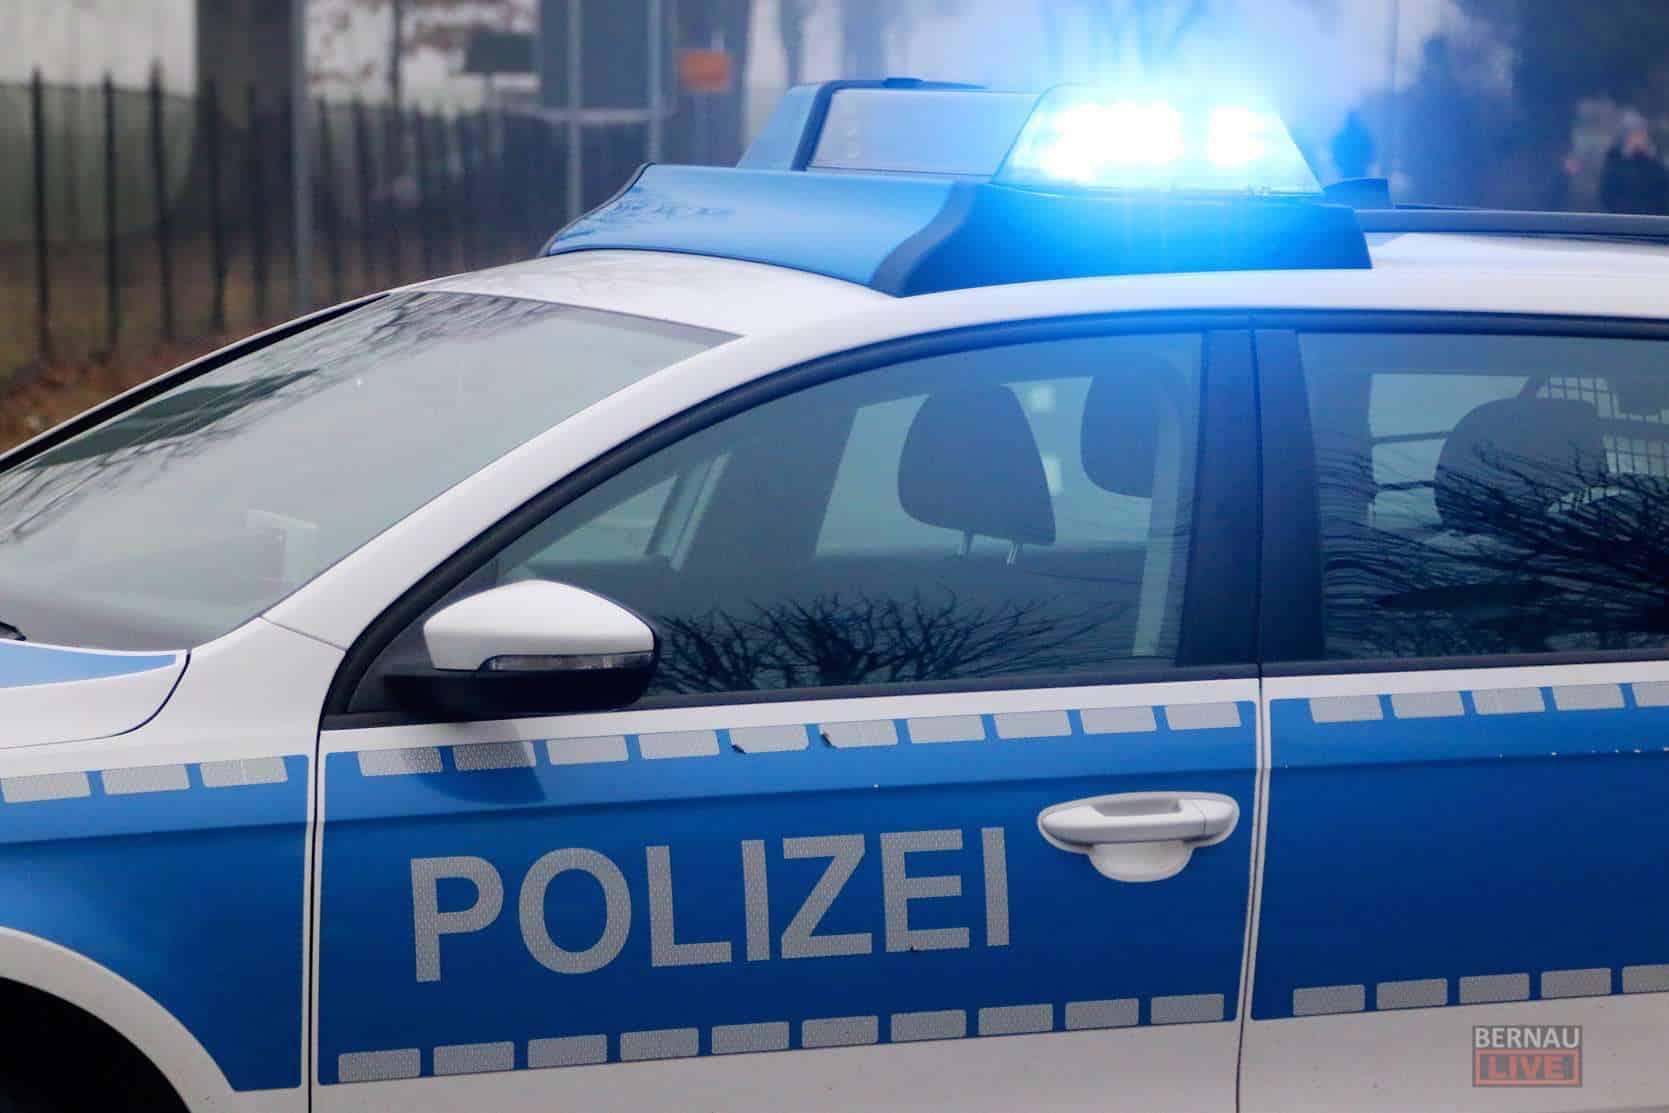 Polizei ermittelt zu versuchtem Tötungsdelikt (Phantombild)